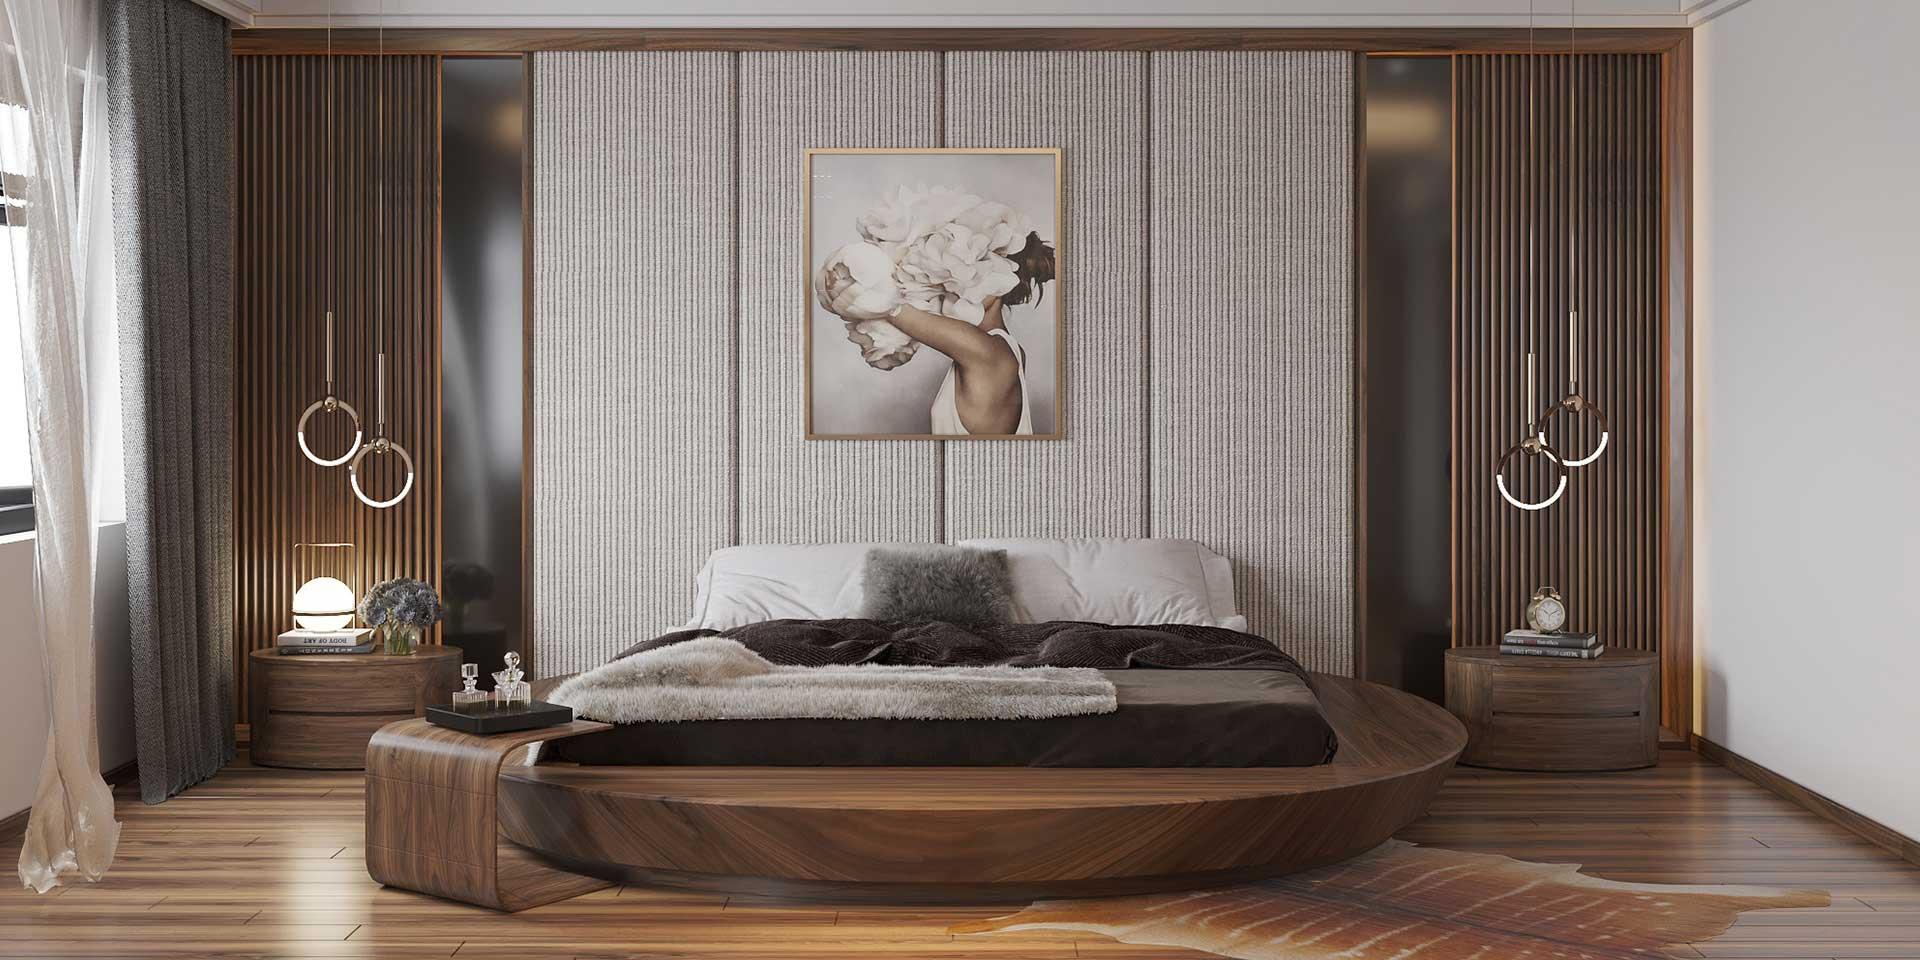 Thiết kế thi công nội thất gỗ óc chó - Nội Thất Lạc Gia